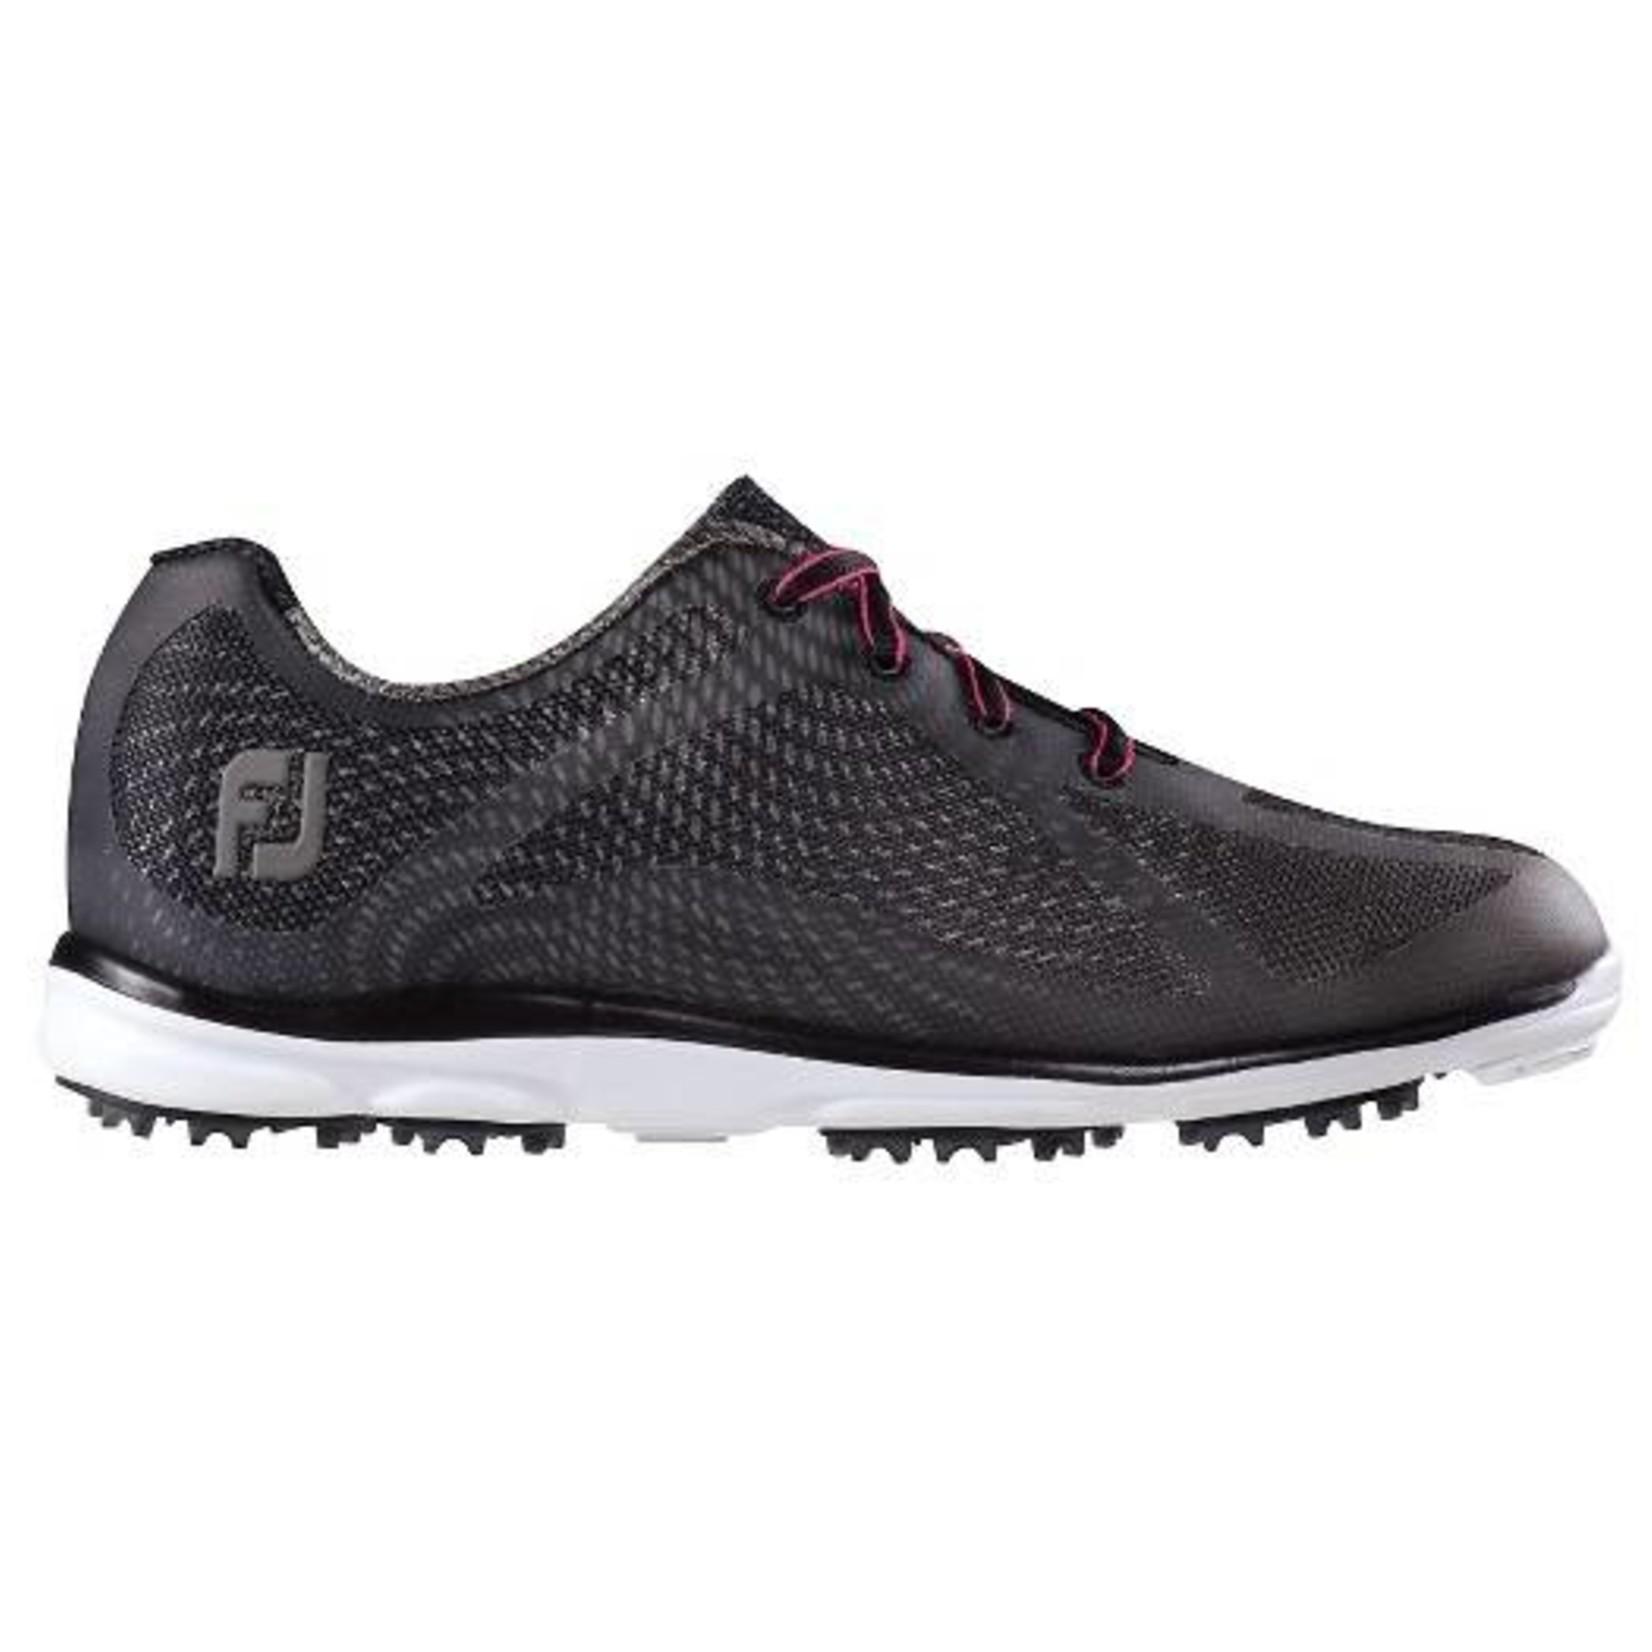 Footjoy Footjoy Wmn's Empower Shoe- Size 7